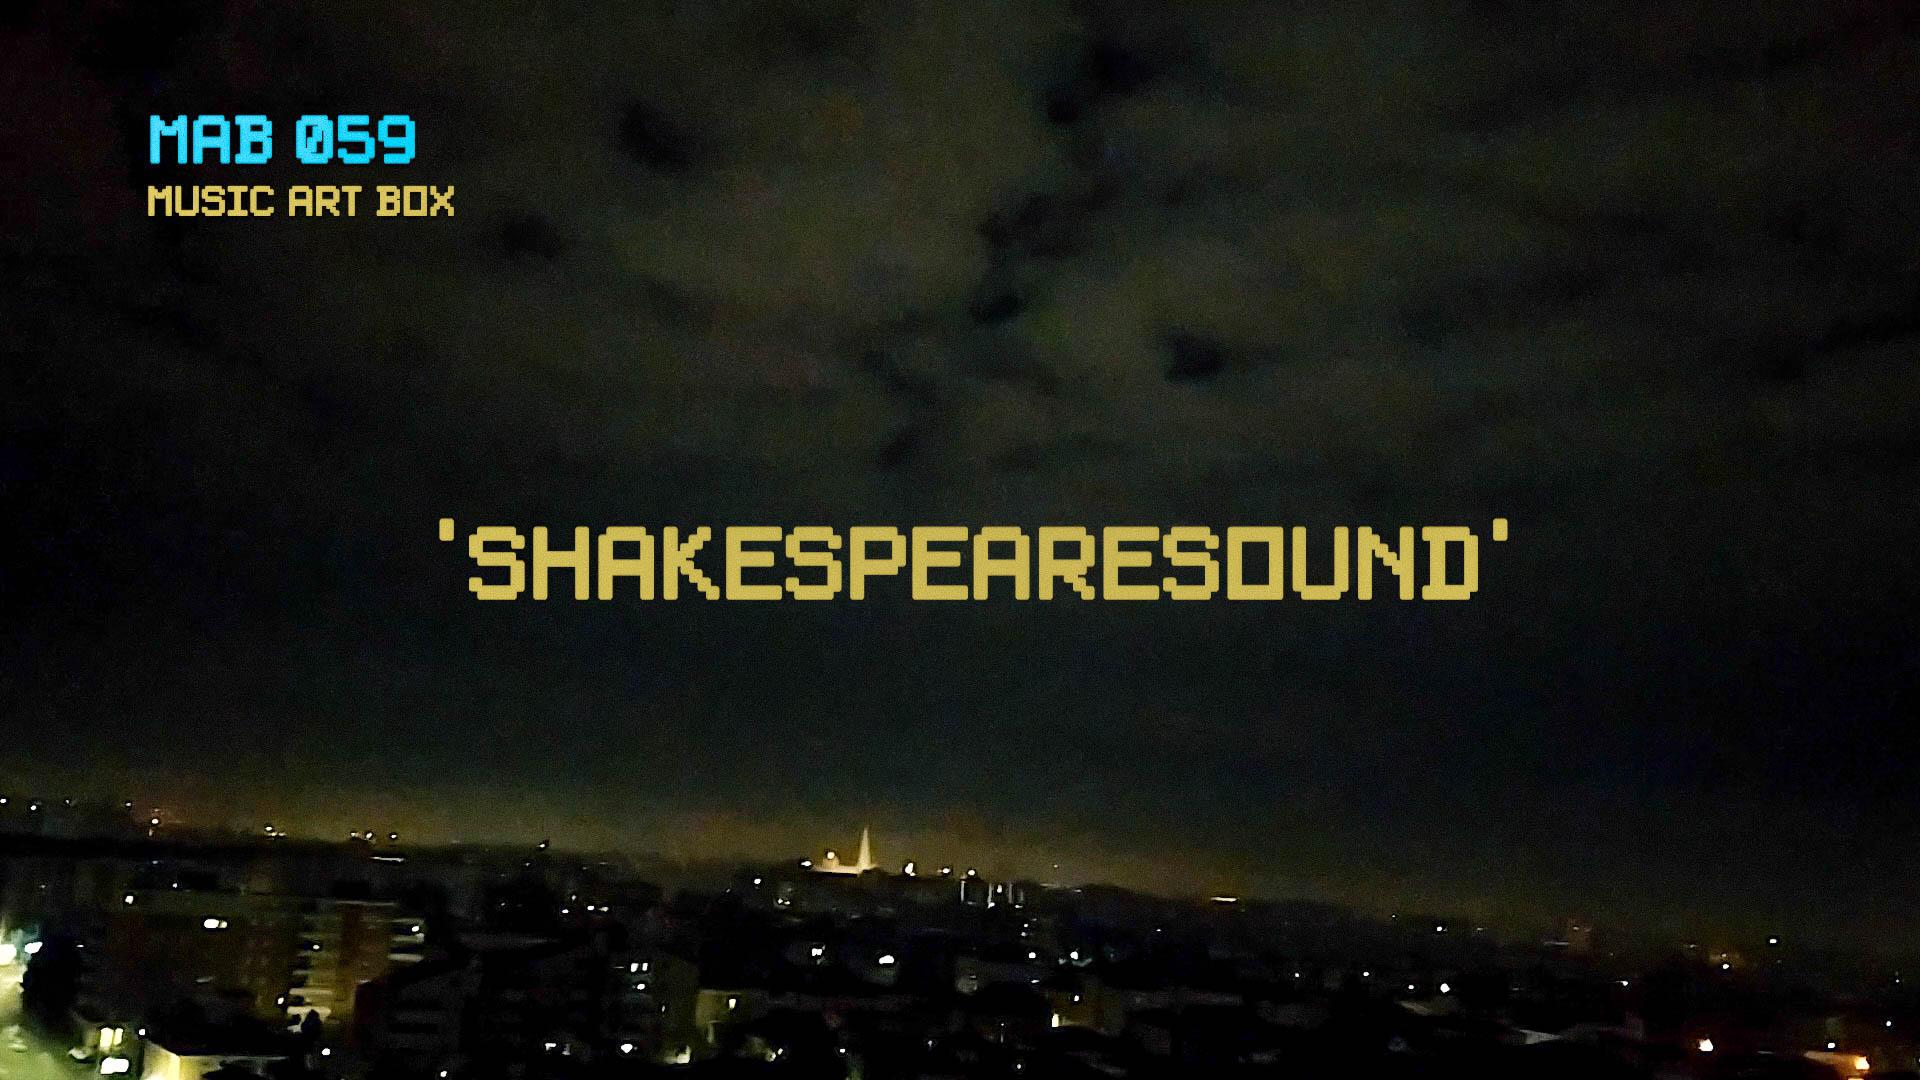 progetto MAB.059 – ModenArtBox, messo a punto da Tony Contartese e Marco Marzaioli dell'associazione STED Teatro e Danza